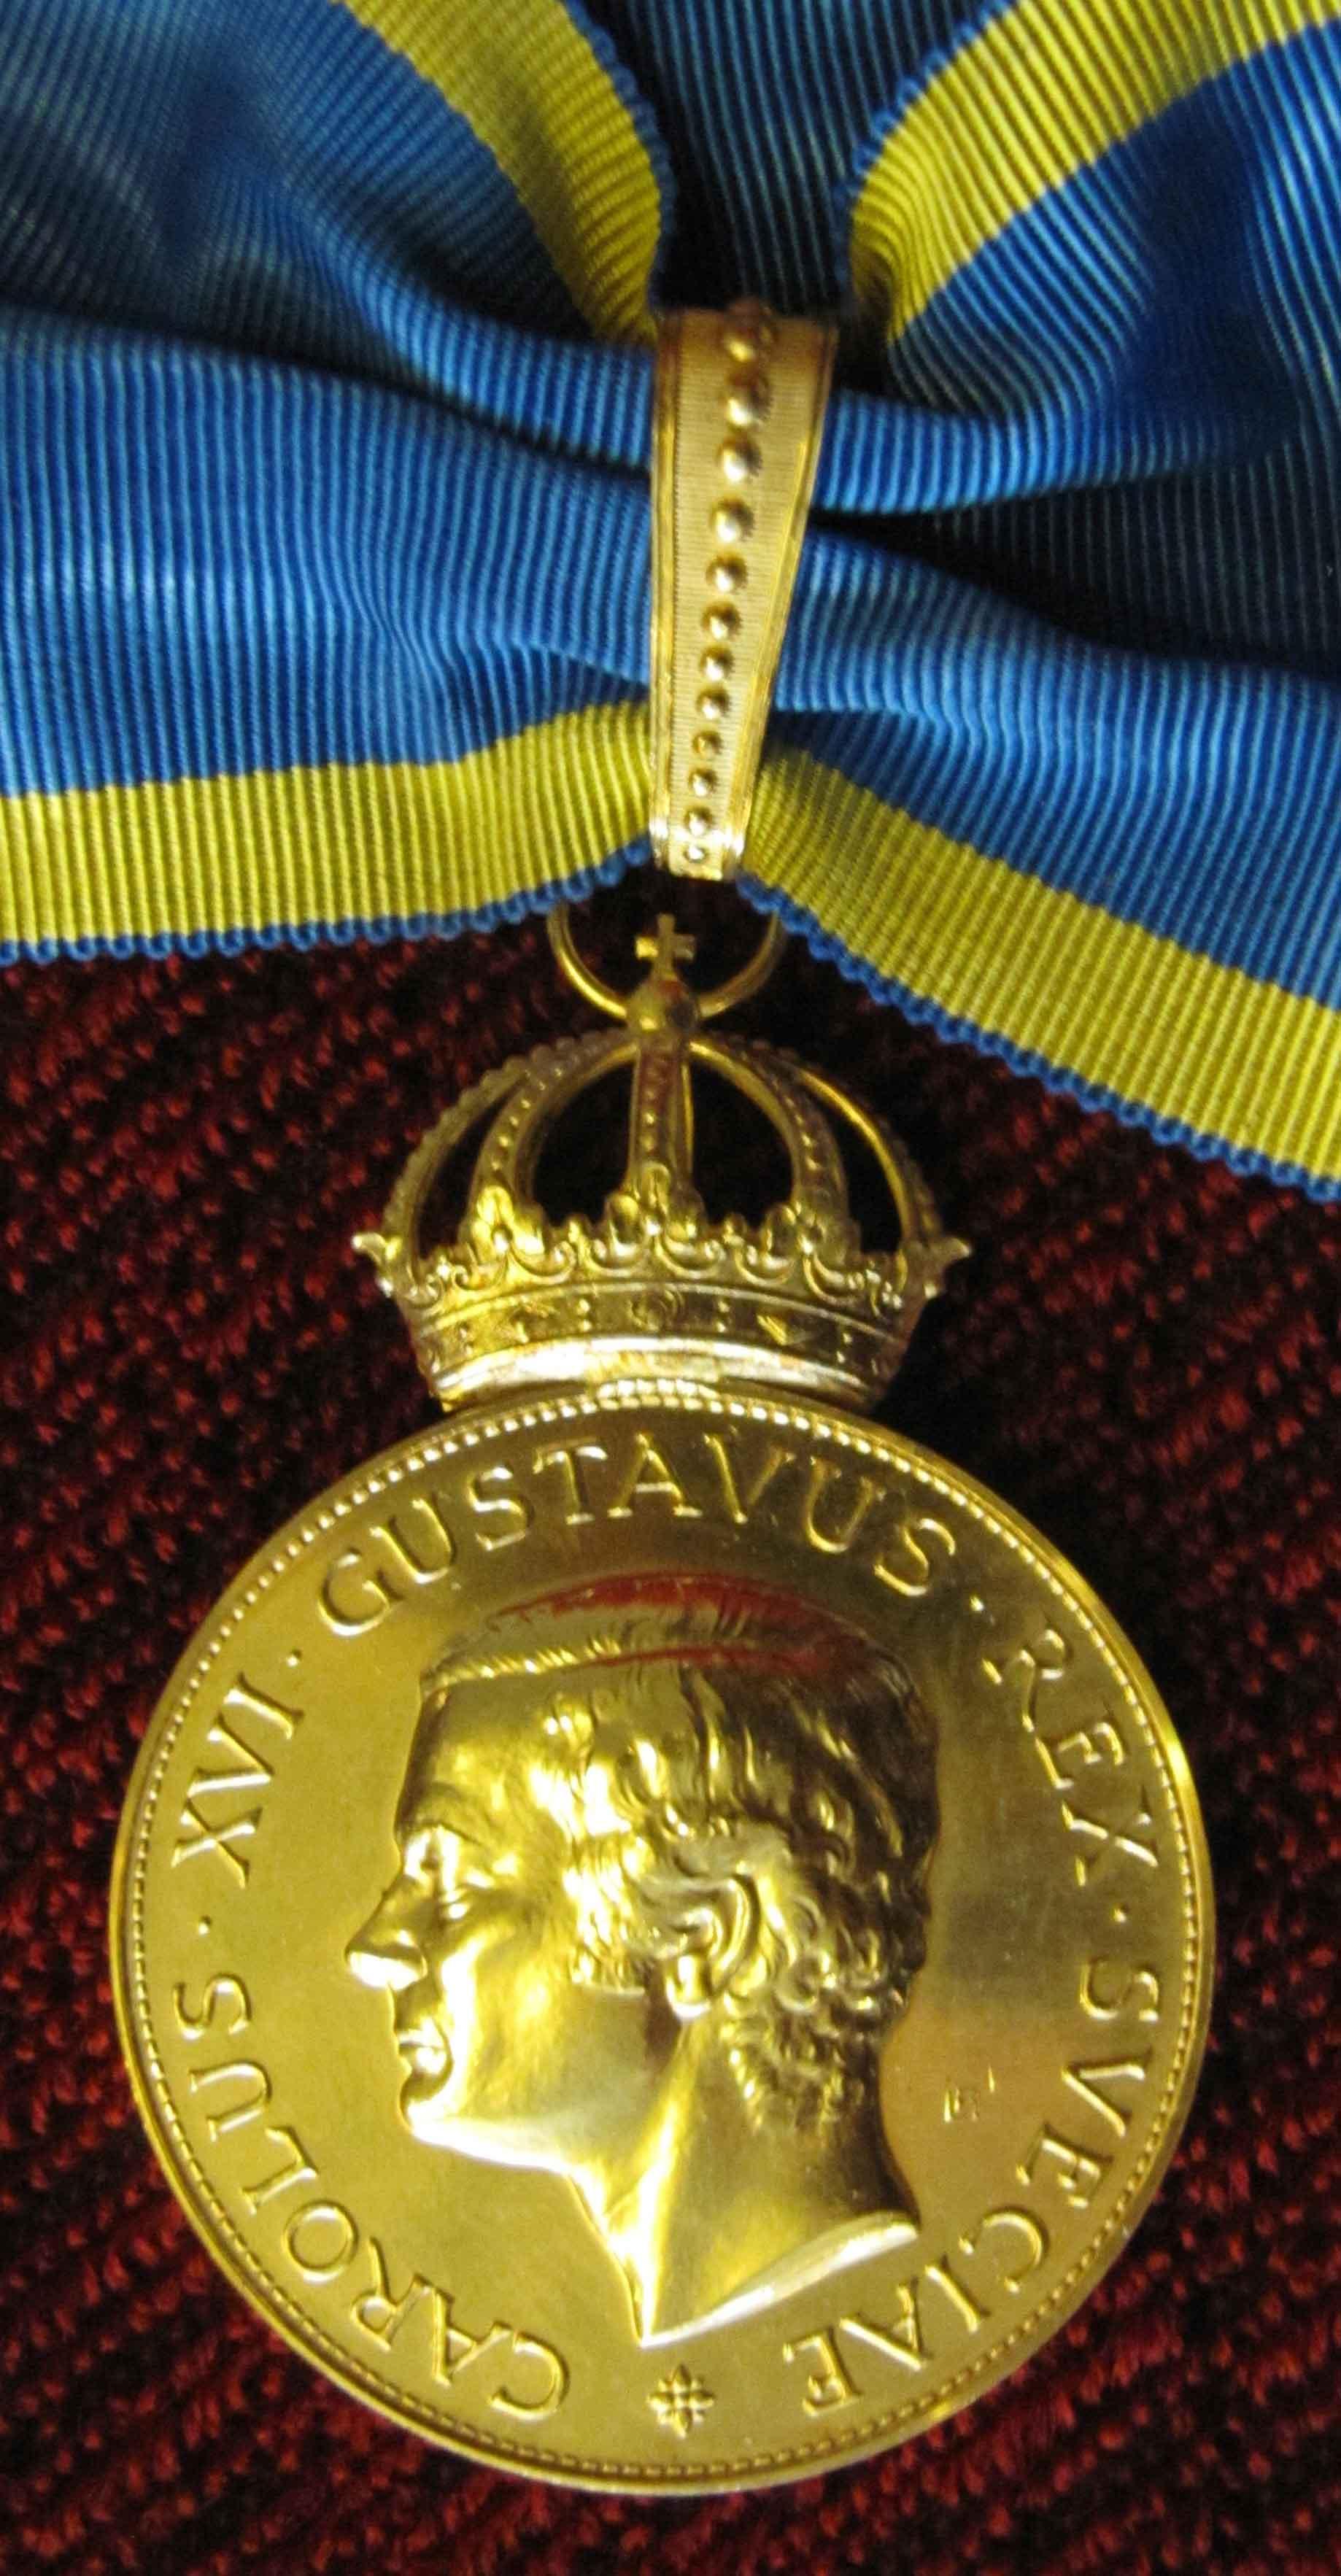 Illis Quorum Medal to Professor Arne Ljungqvist - Global